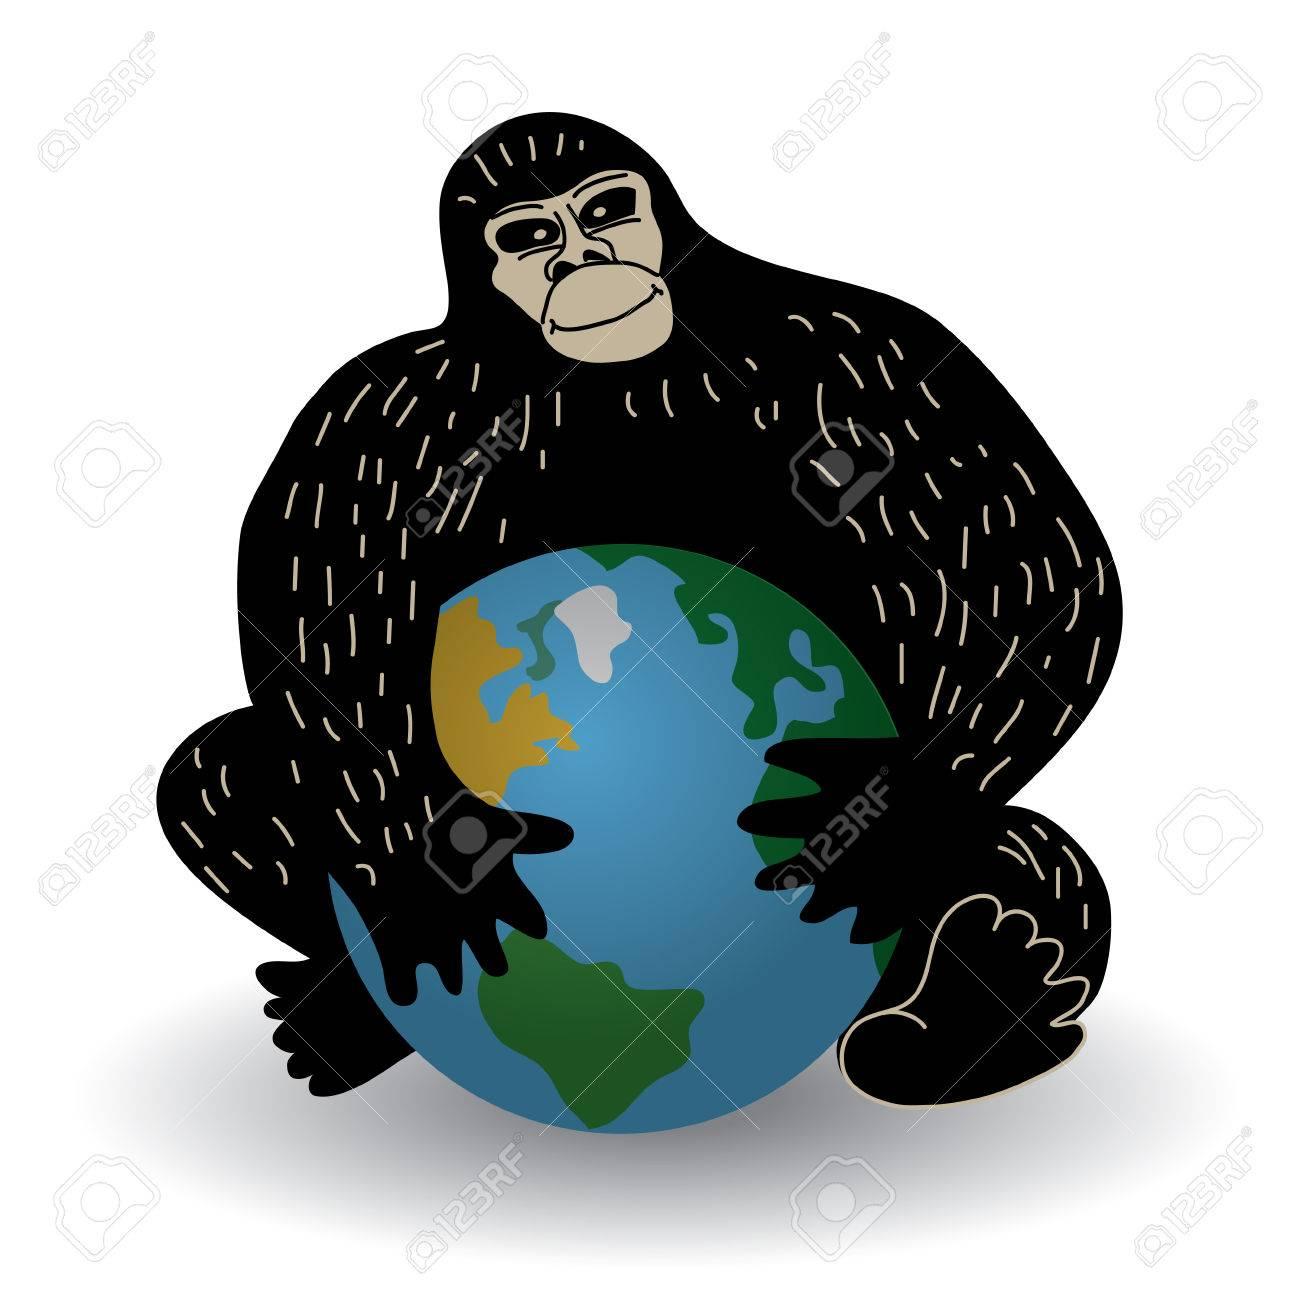 sitio de buena reputación 44bfa ed209 Gorila con la ecología crisis mundial o problema de política. ilustración  vectorial de color.